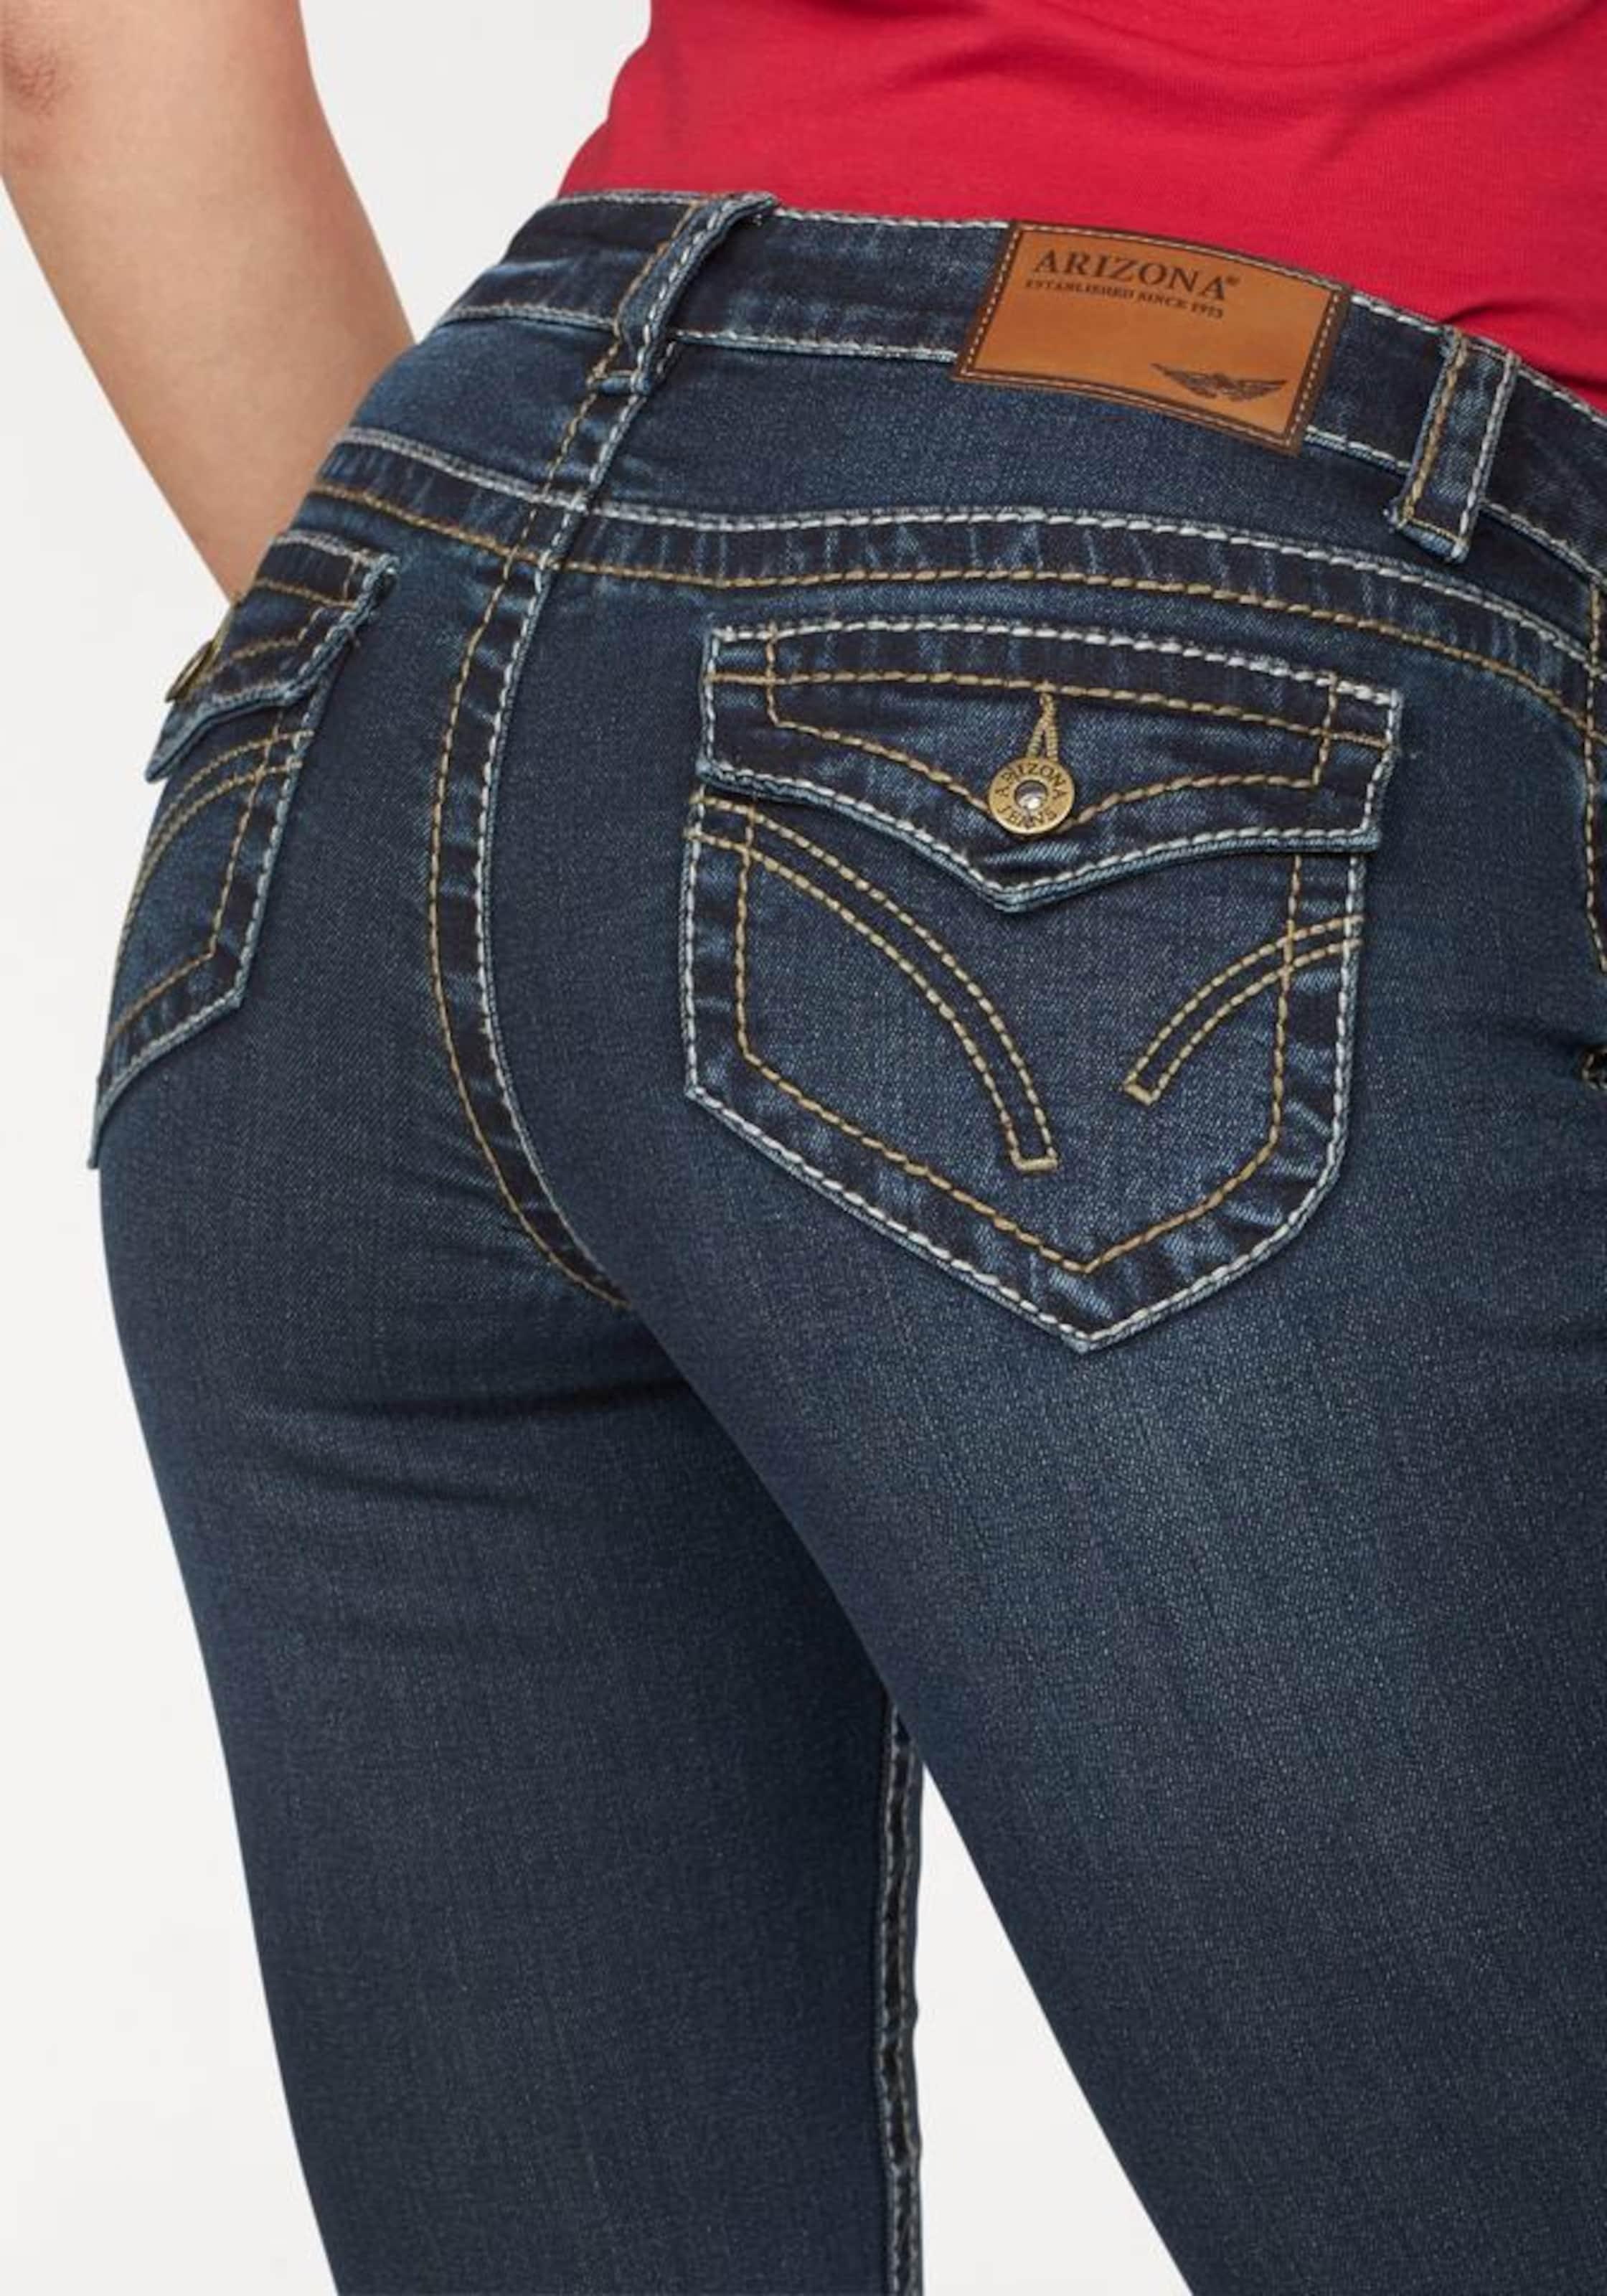 ARIZONA Bootcut-Jeans mit Kontrastnähten und Pattentaschen Auslass Günstiger Preis d3Hntwkw